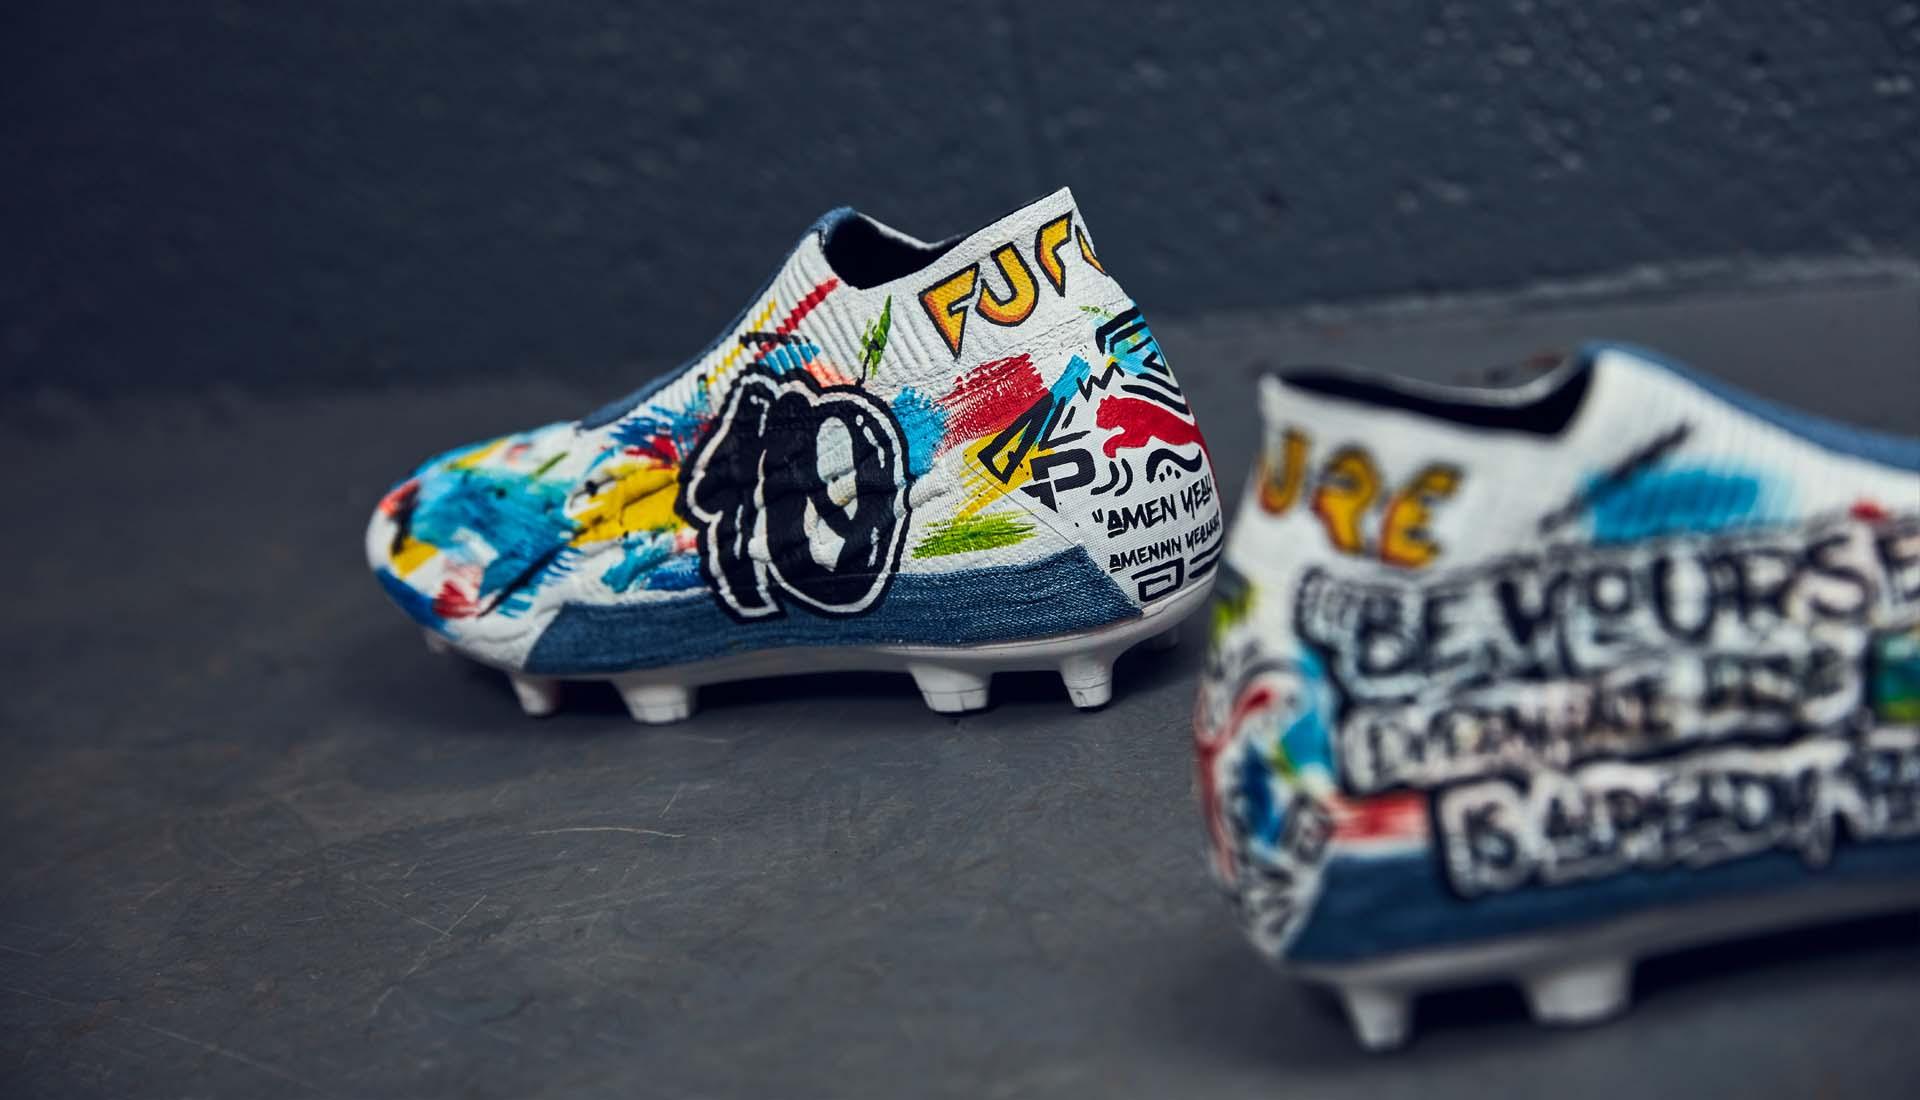 Giới thiệu giày đá bóng Puma Future 6.1 James Maddison